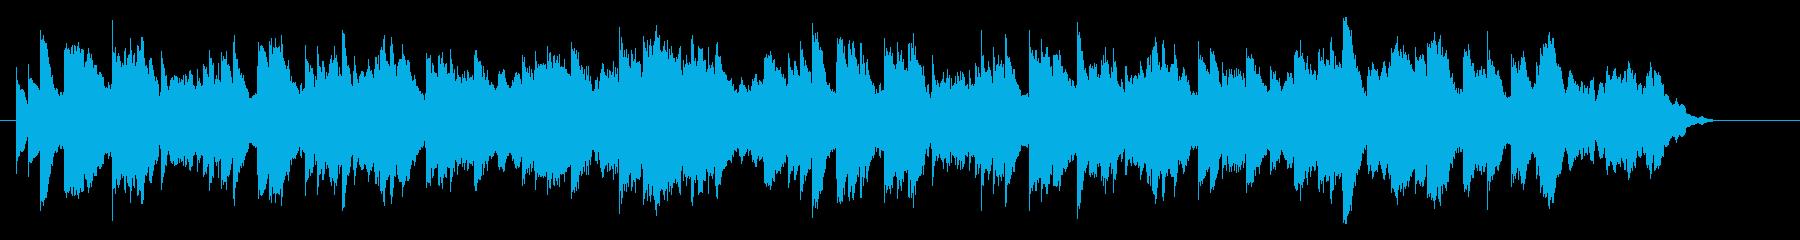 冷たく悲しい、孤独なオルゴールジングルAの再生済みの波形